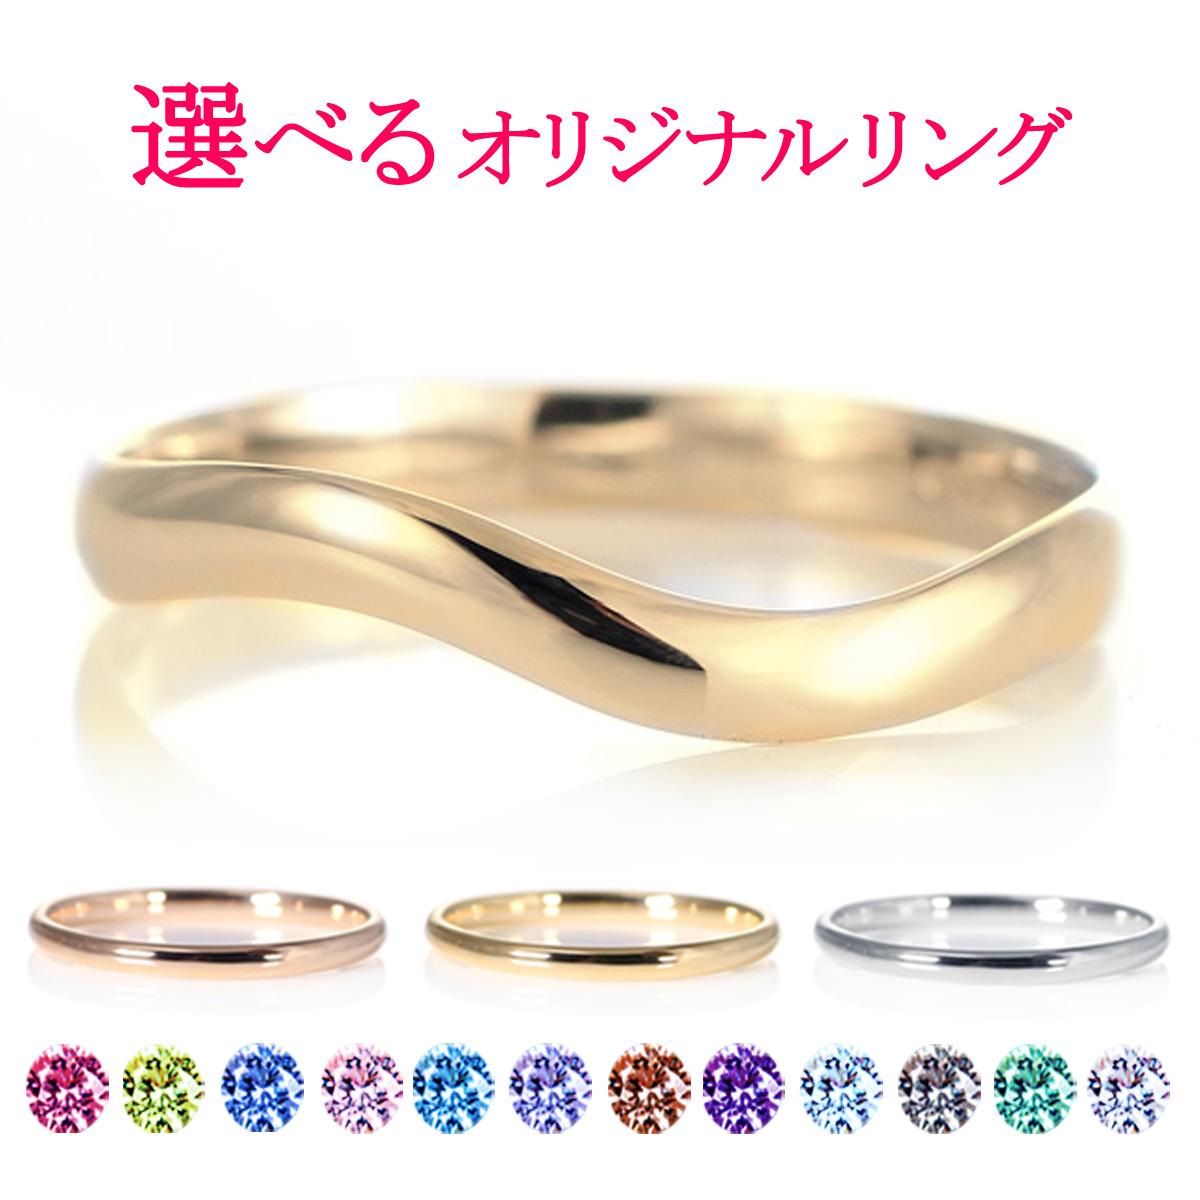 結婚指輪 マリッジリング 18金 ゴールド 甲丸 ウエーブ レディース 末広 スーパーSALE【今だけ代引手数料無料】